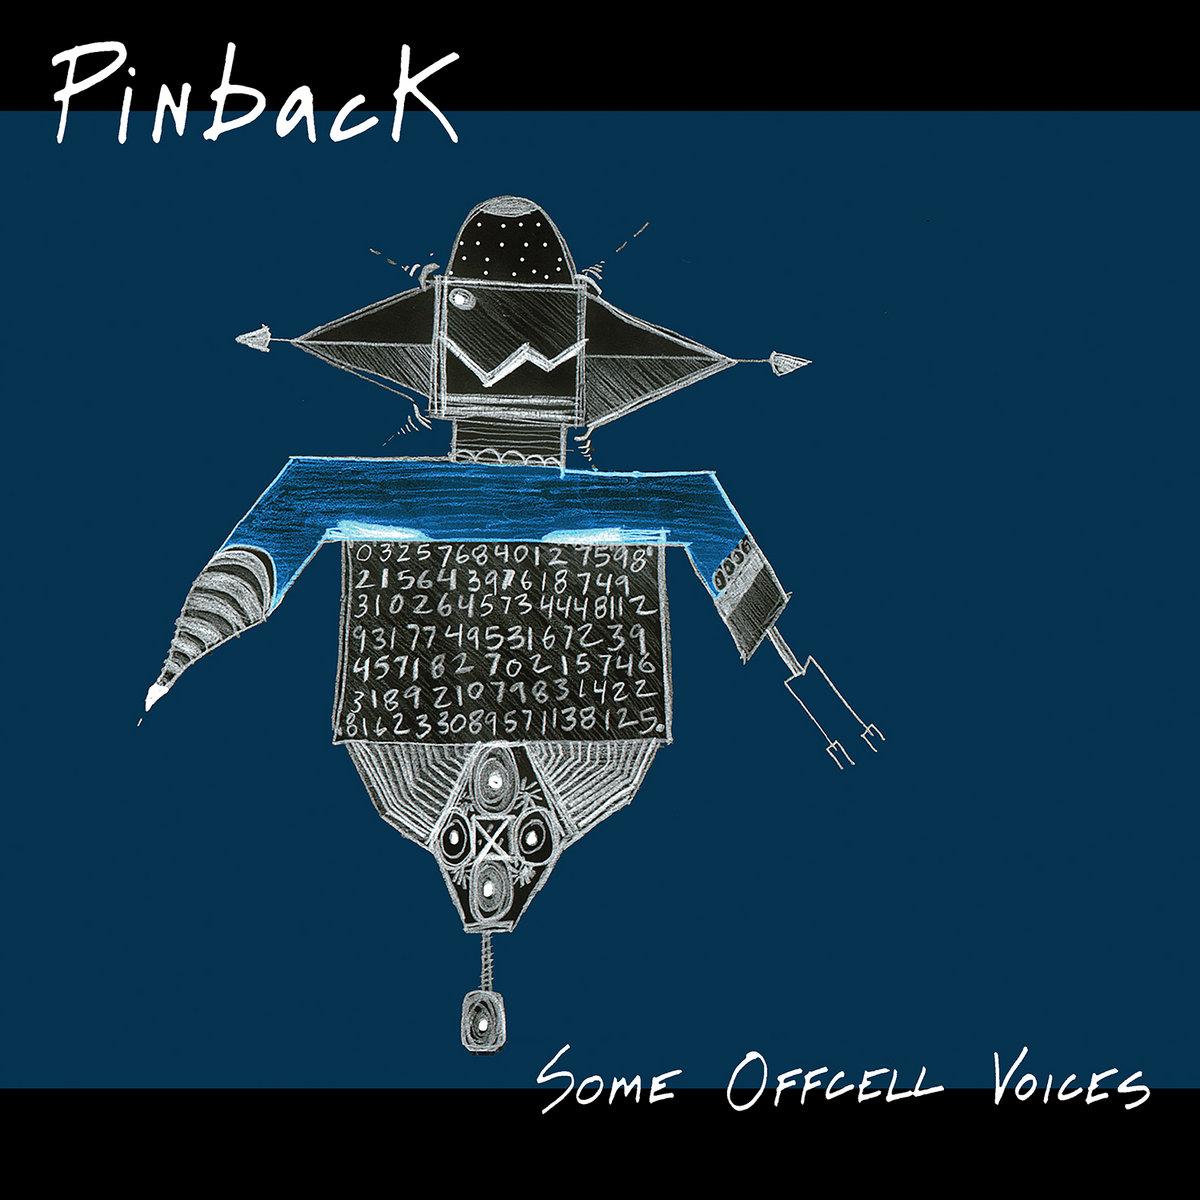 pinback machine